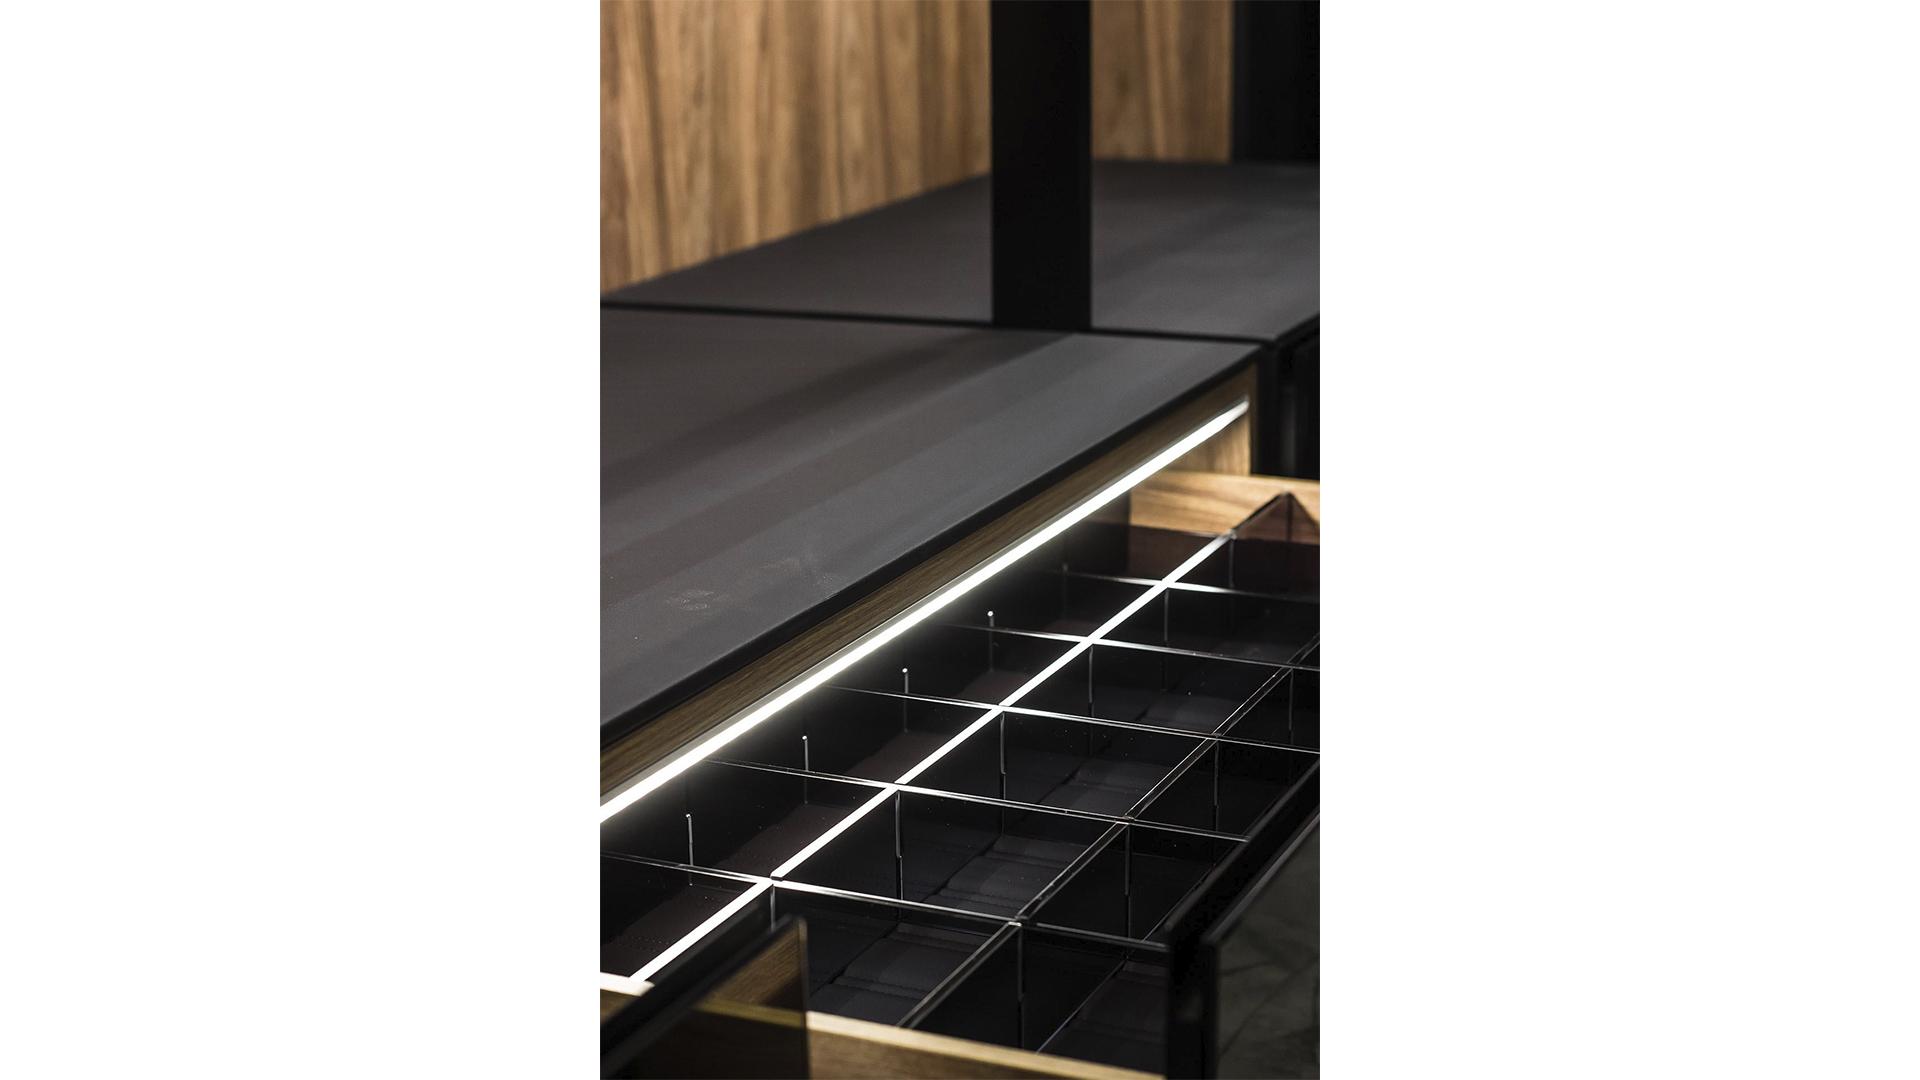 A iluminação em armários é muito útil para ajudar a encontrar utensílios